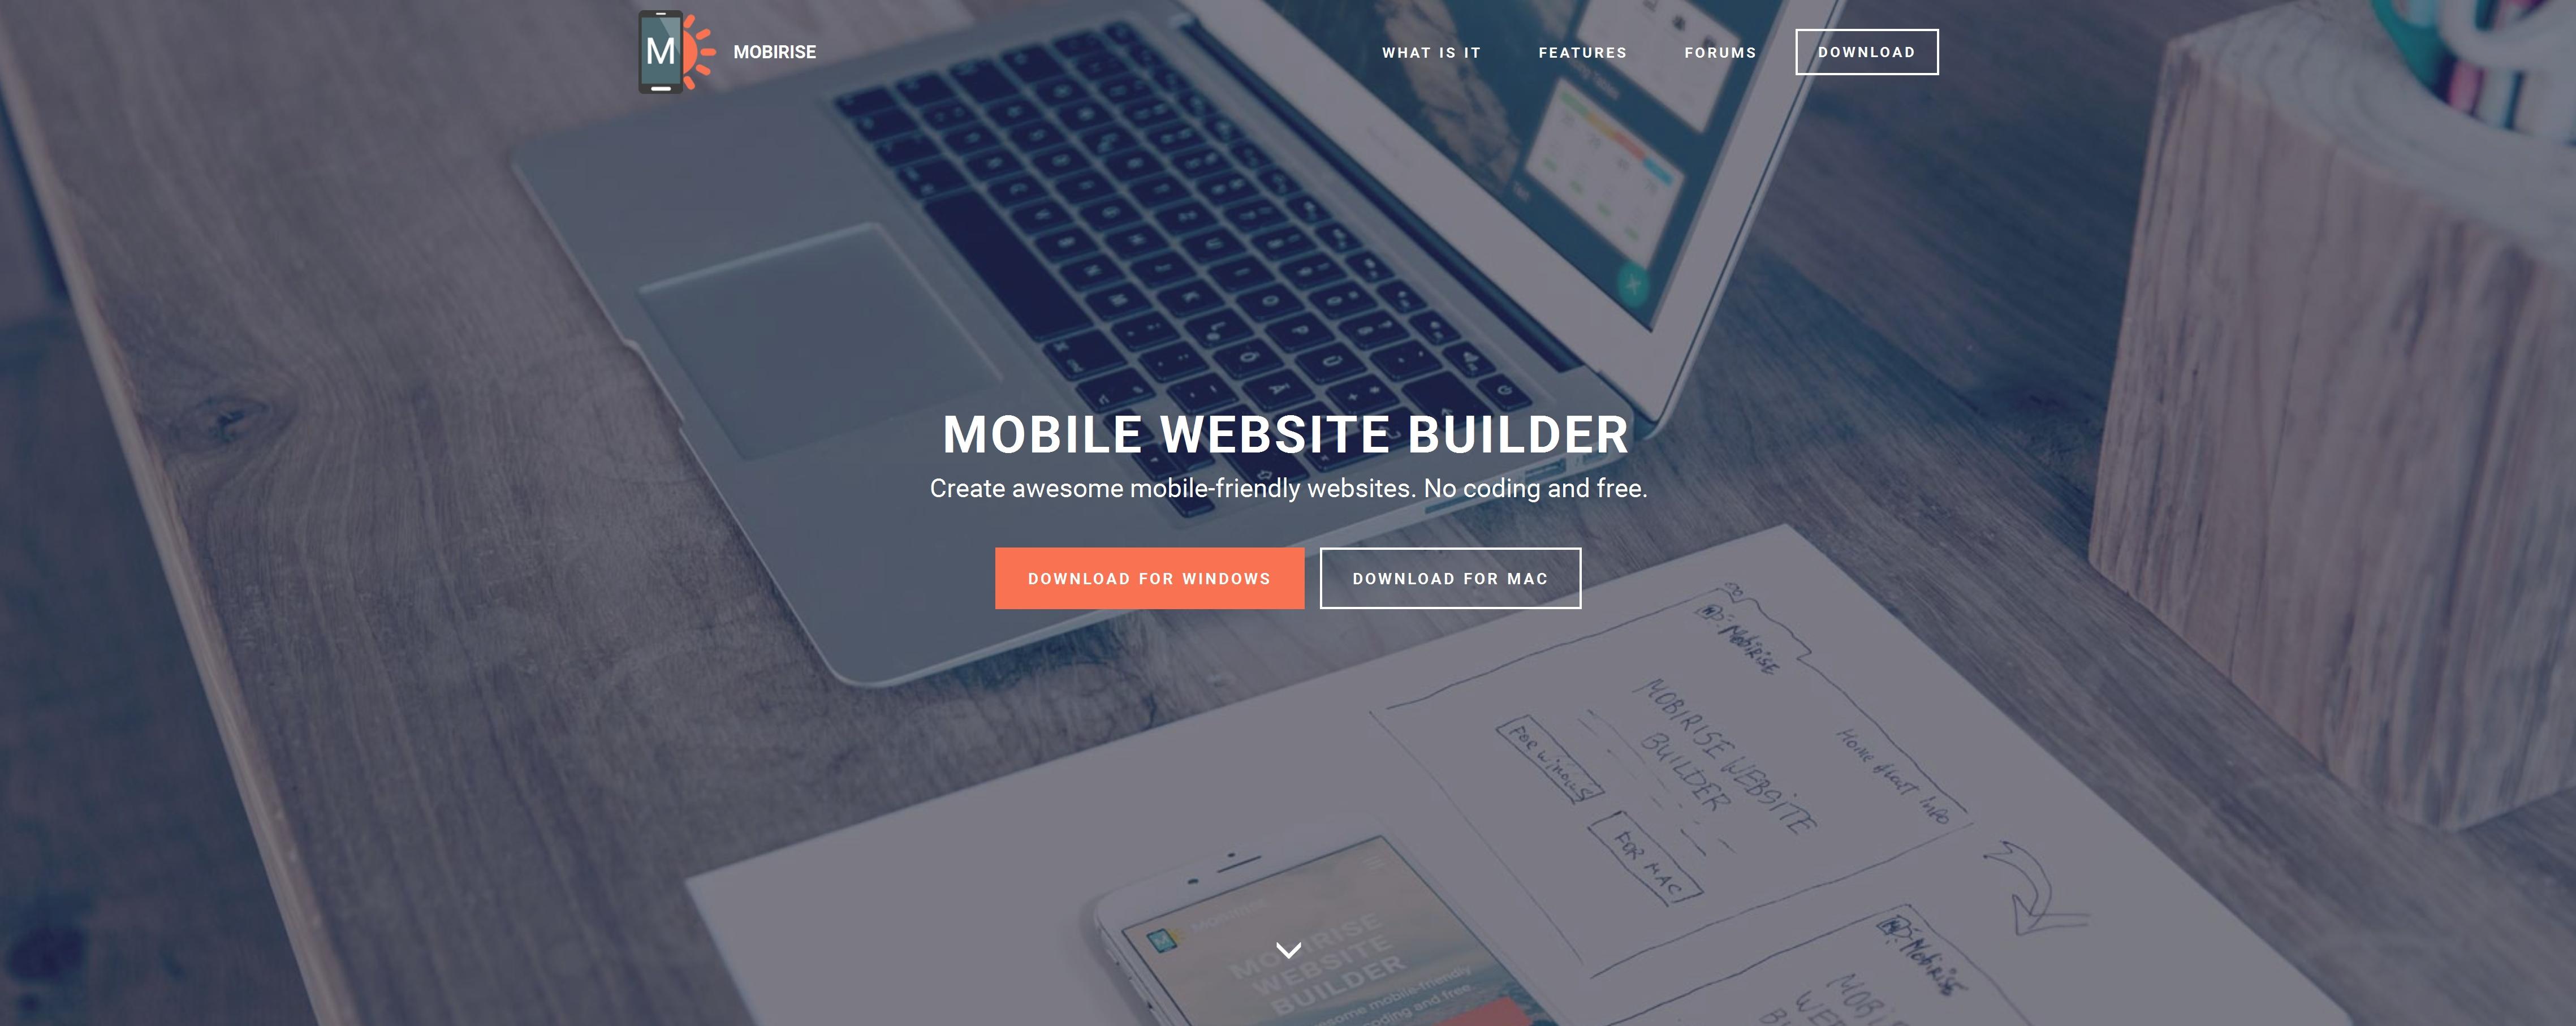 Best Mobile Website Creator